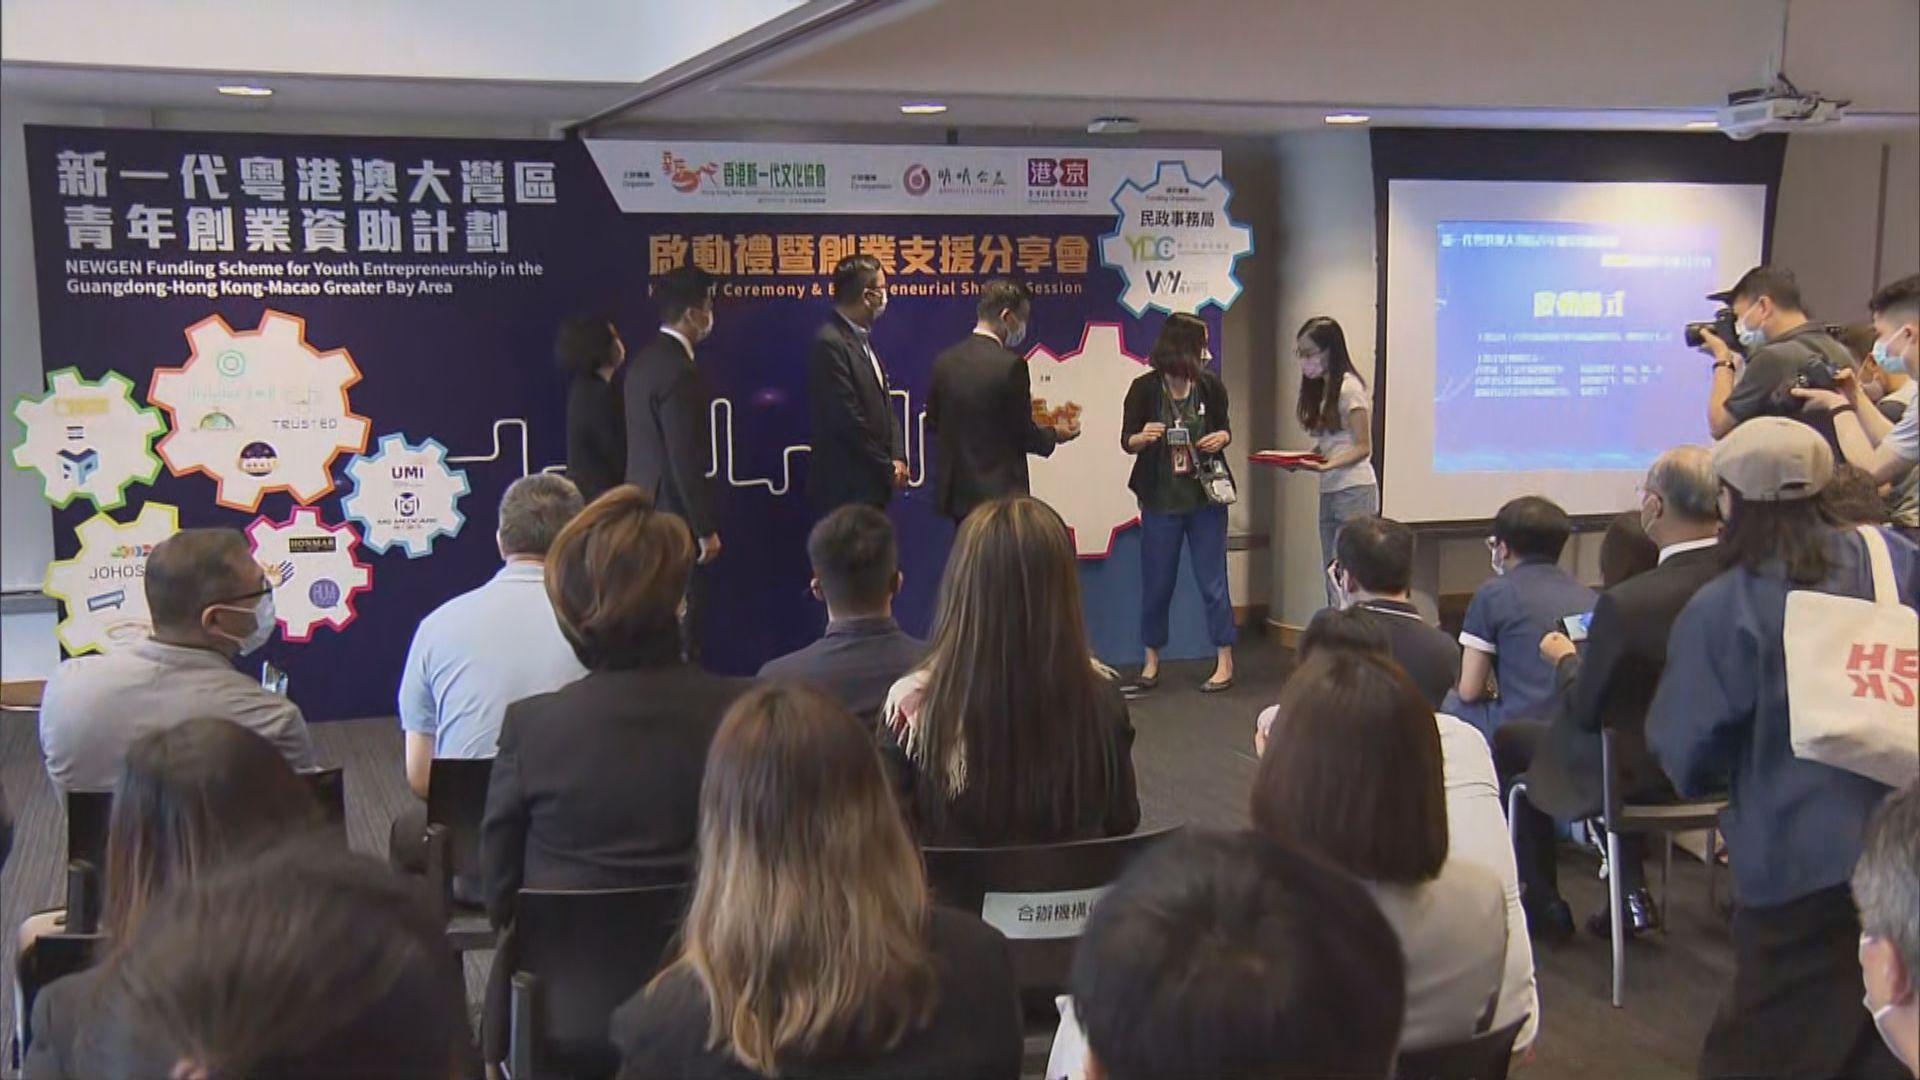 大灣區青年創業資助計劃 獲資助機構選出十六個項目